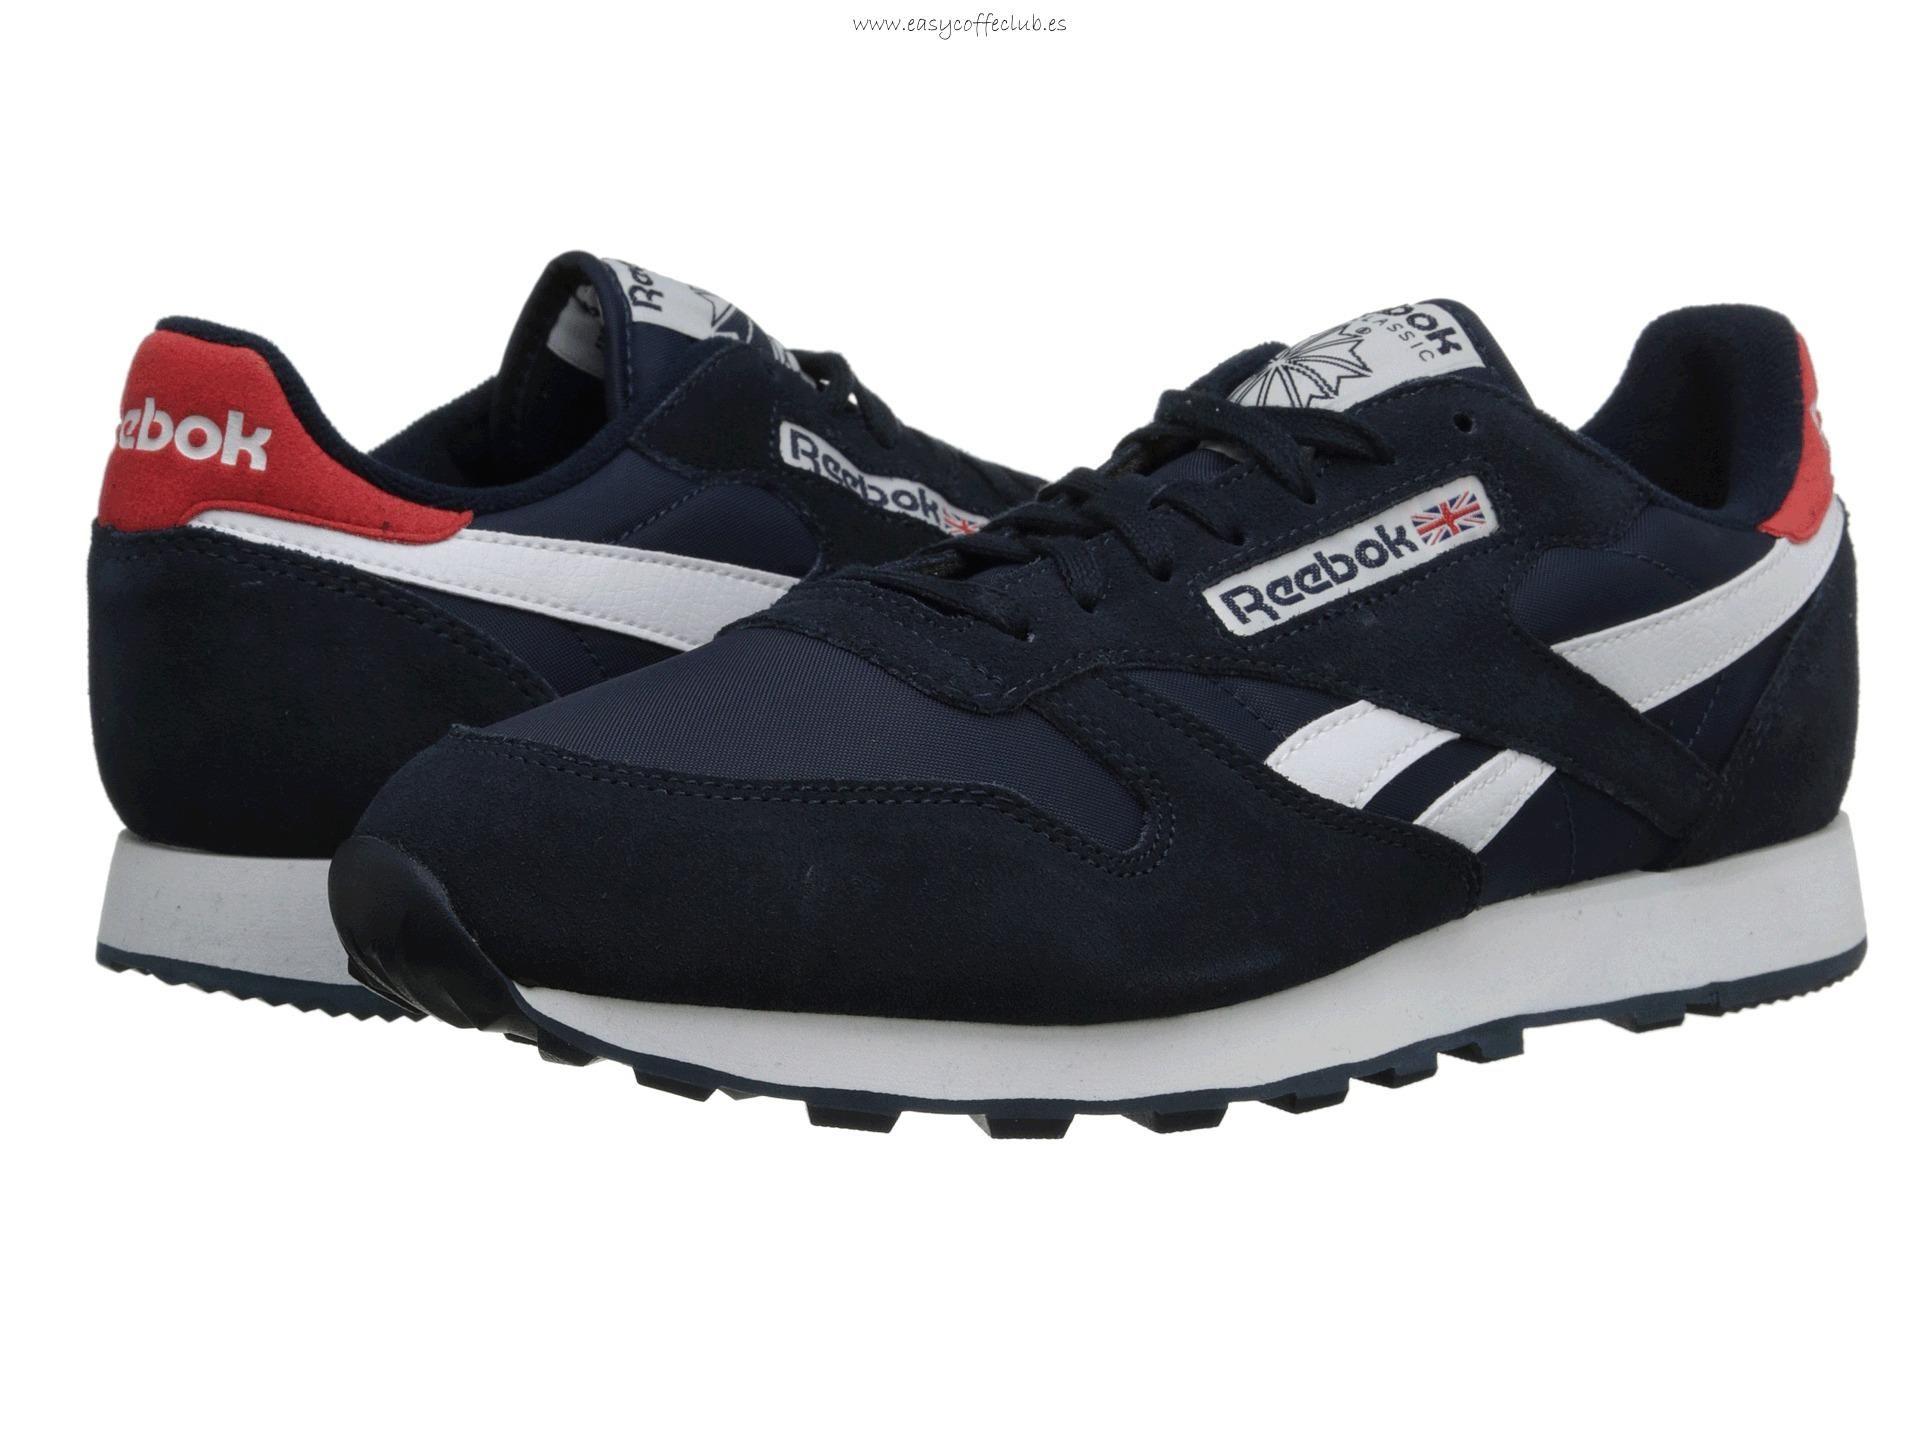 san francisco d90d0 0a16a MODELOS DE ZAPATOS REEBOK PARA HOMBRE  hombre  modelos  modelosdezapatos   reebok  zapatos